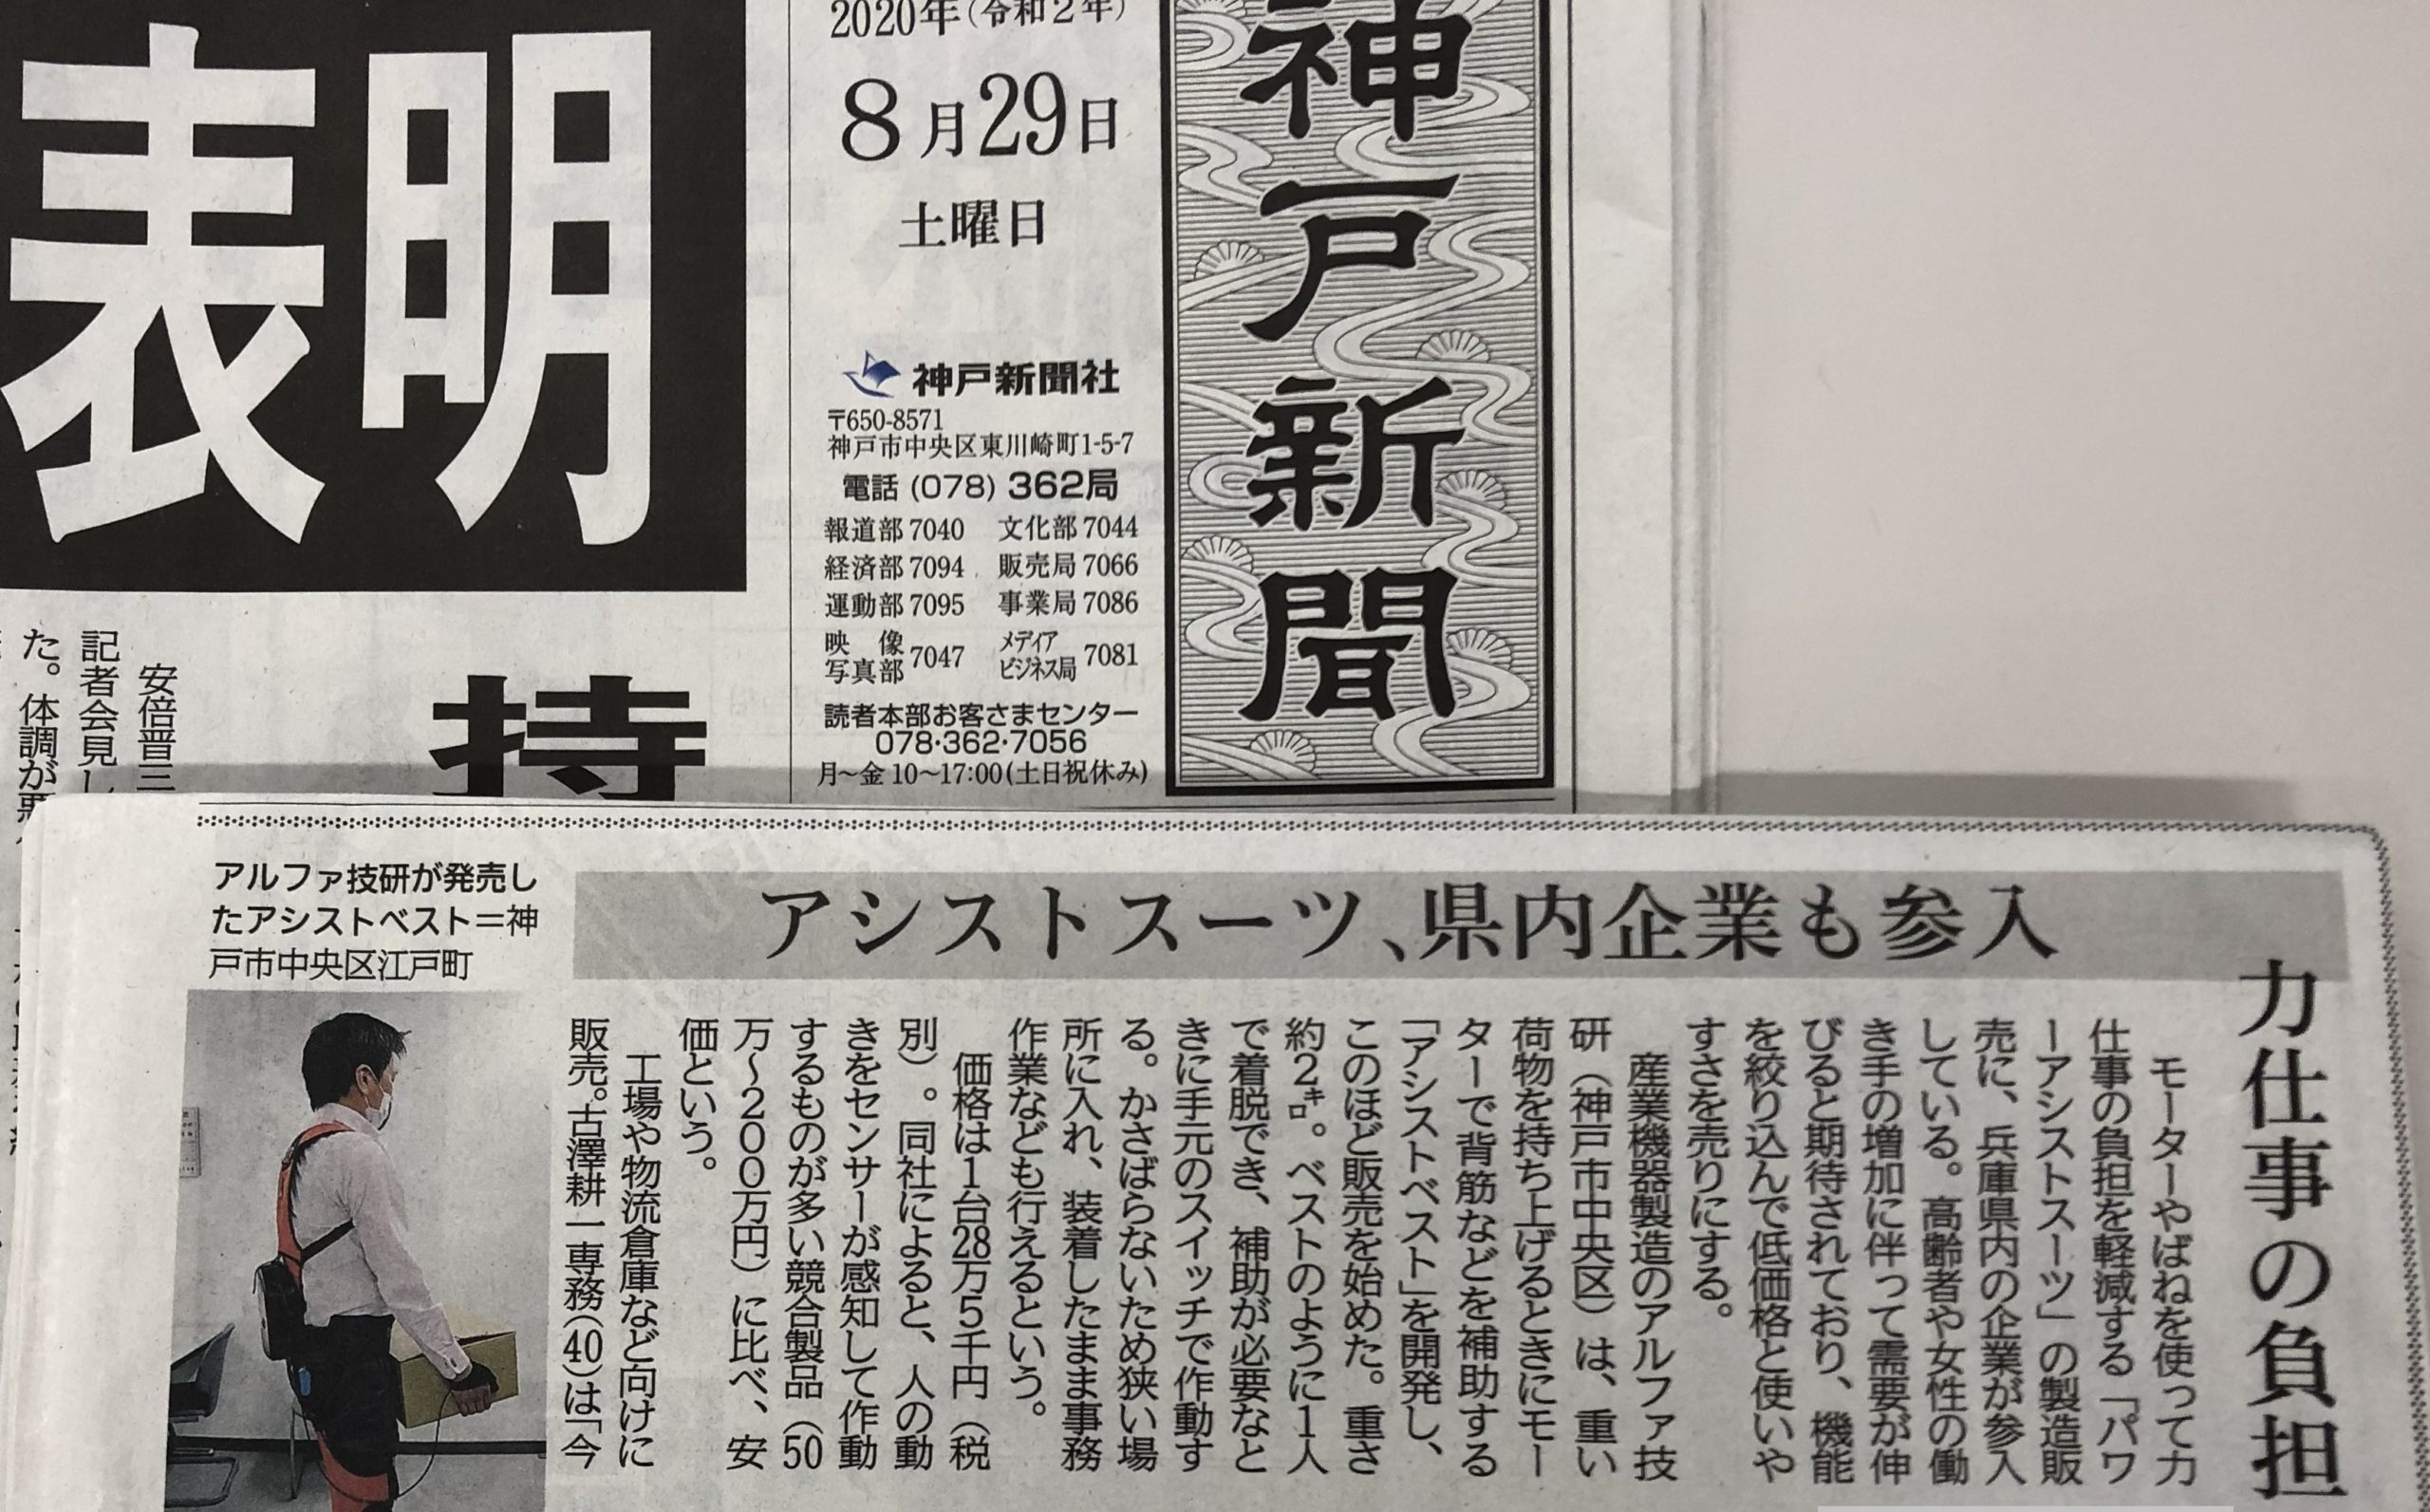 メディア紹介|神戸新聞|アシストベスト